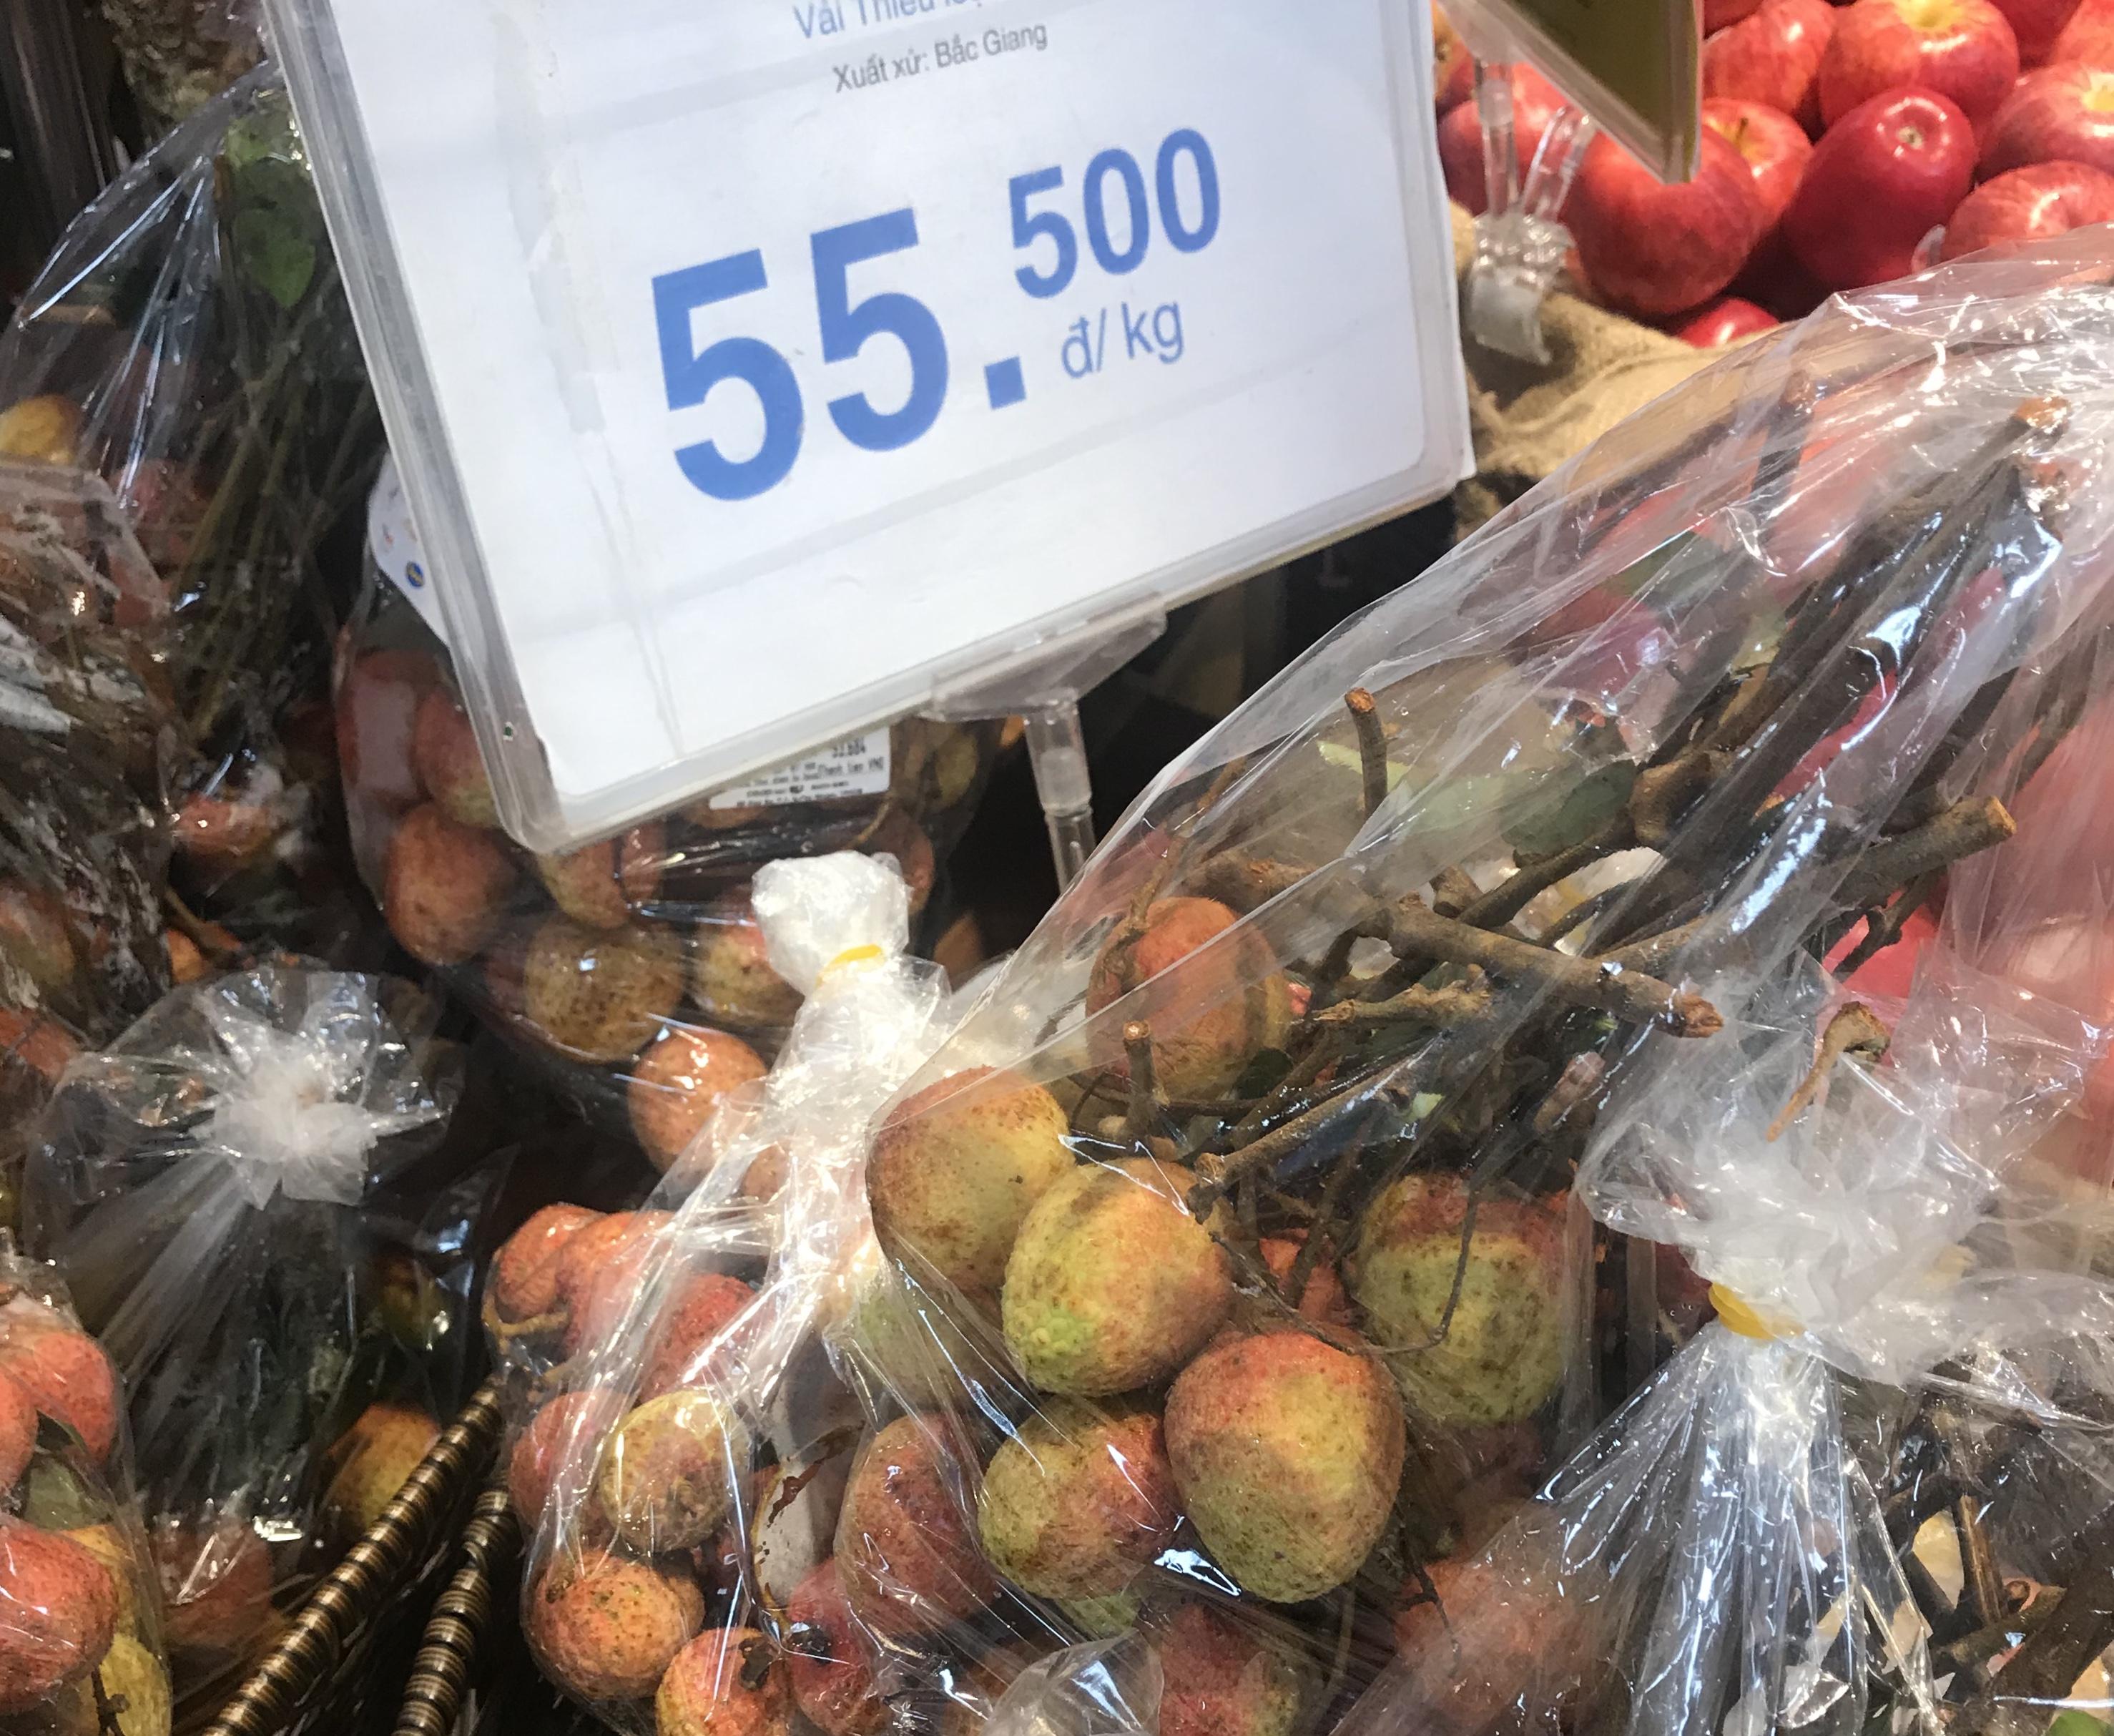 Bắc Giang đã tiêu thụ gần 17.000 tấn vải thiều, chuẩn bị đưa trái vải lên sàn thương mại điện tử - Ảnh 1.